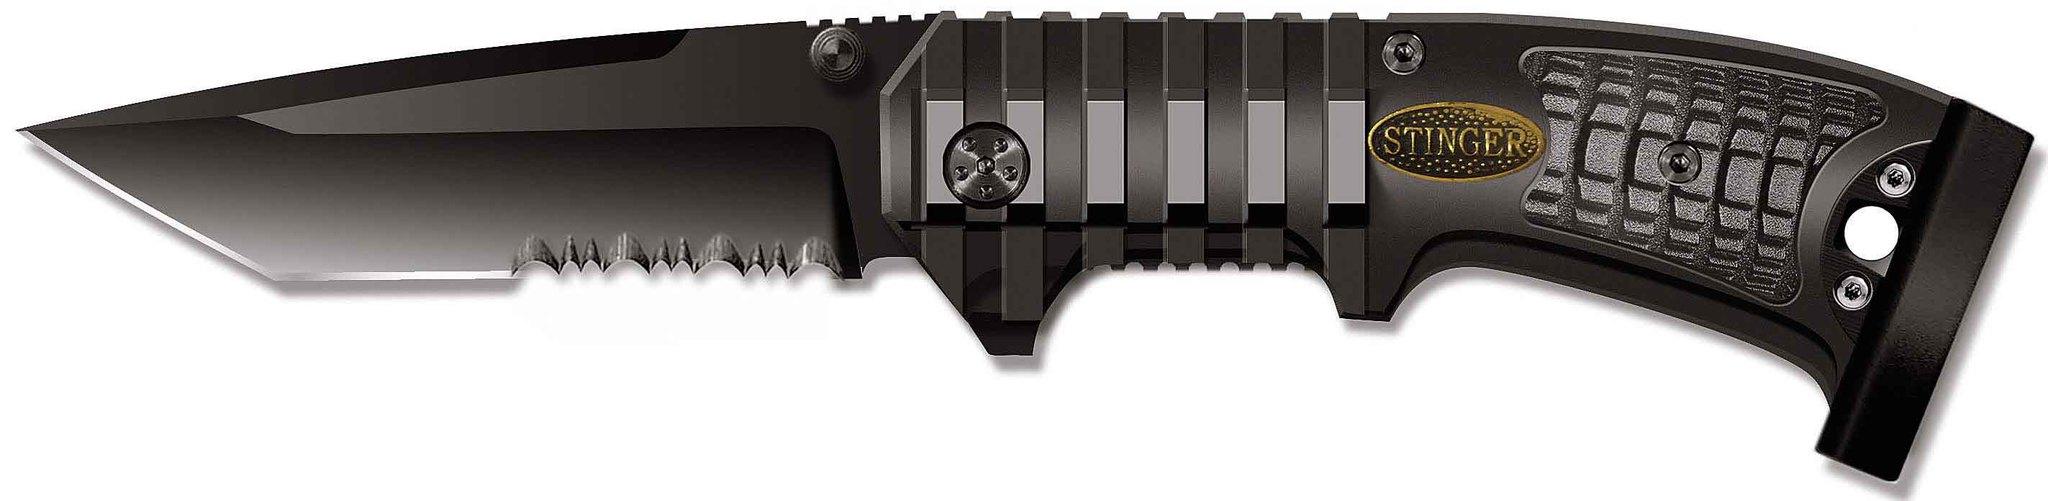 Нож складной Stinger, 90 мм (черн.), рукоять: сталь/алюмин./пласт. (черн.), с клипом, коробка картонStinger<br>Нож складной Stinger, 90 мм (черный), рукоять: сталь/алюминий/пластик (черный), с клипом, коробка картон<br>